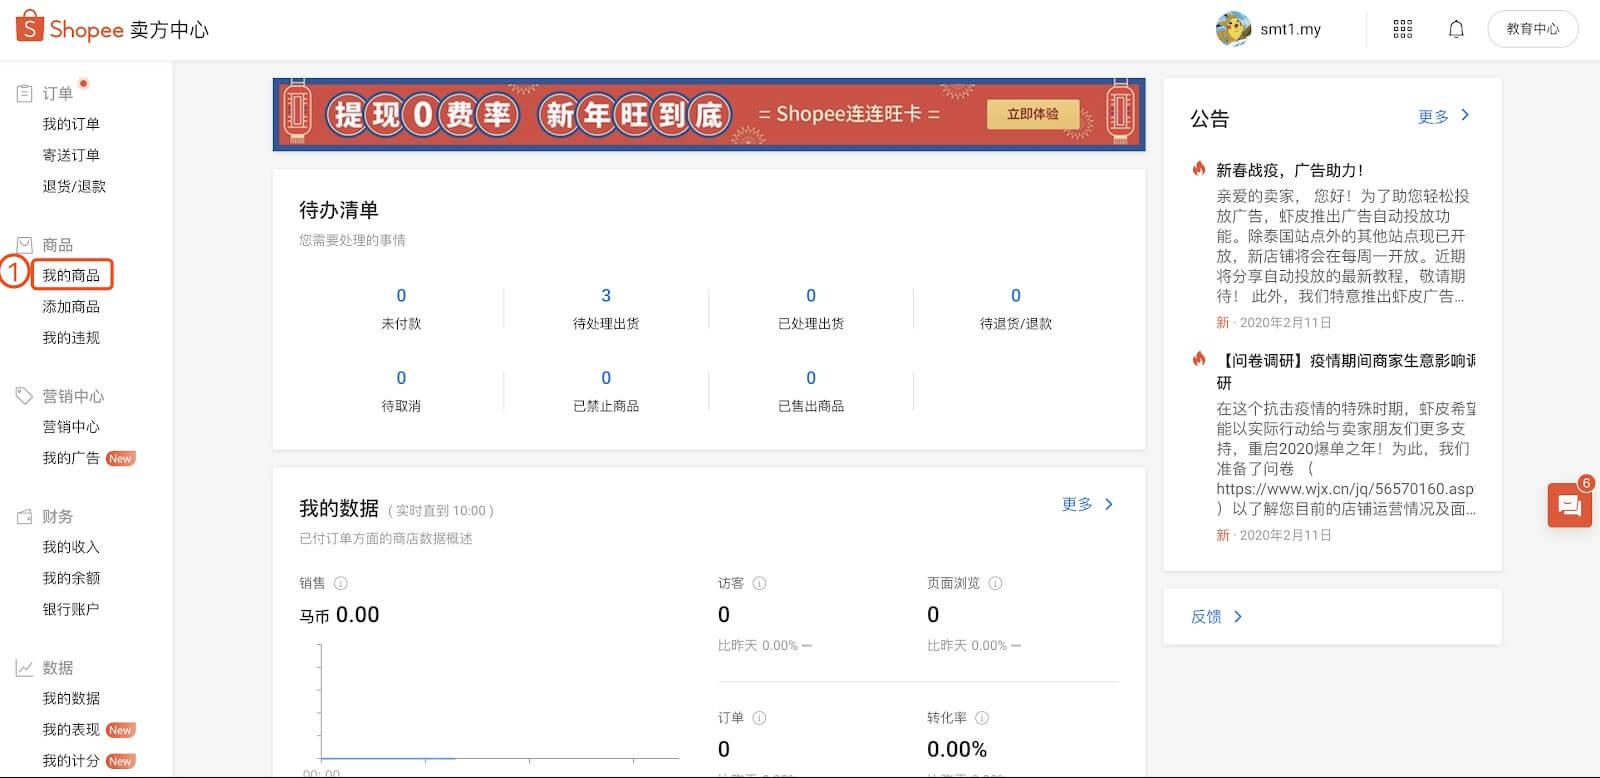 【Shopee商品属性】Shopee虾皮商品属性设置正确及重要性-虾皮路